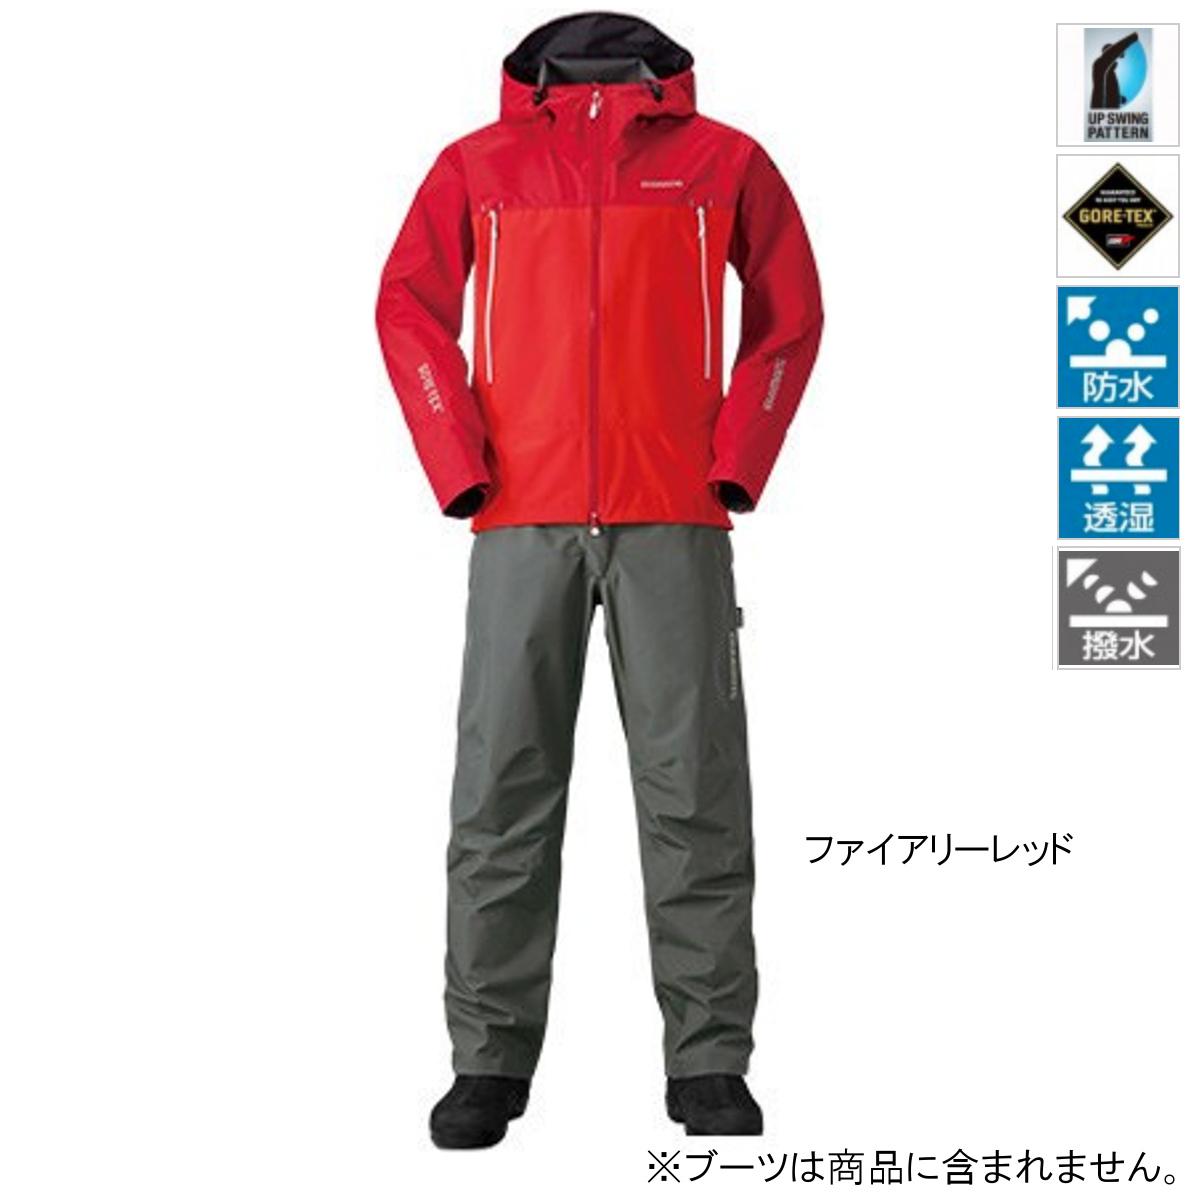 シマノ GORE-TEX ベーシックスーツ RA-017R 2XL ファイアリーレッド(東日本店)